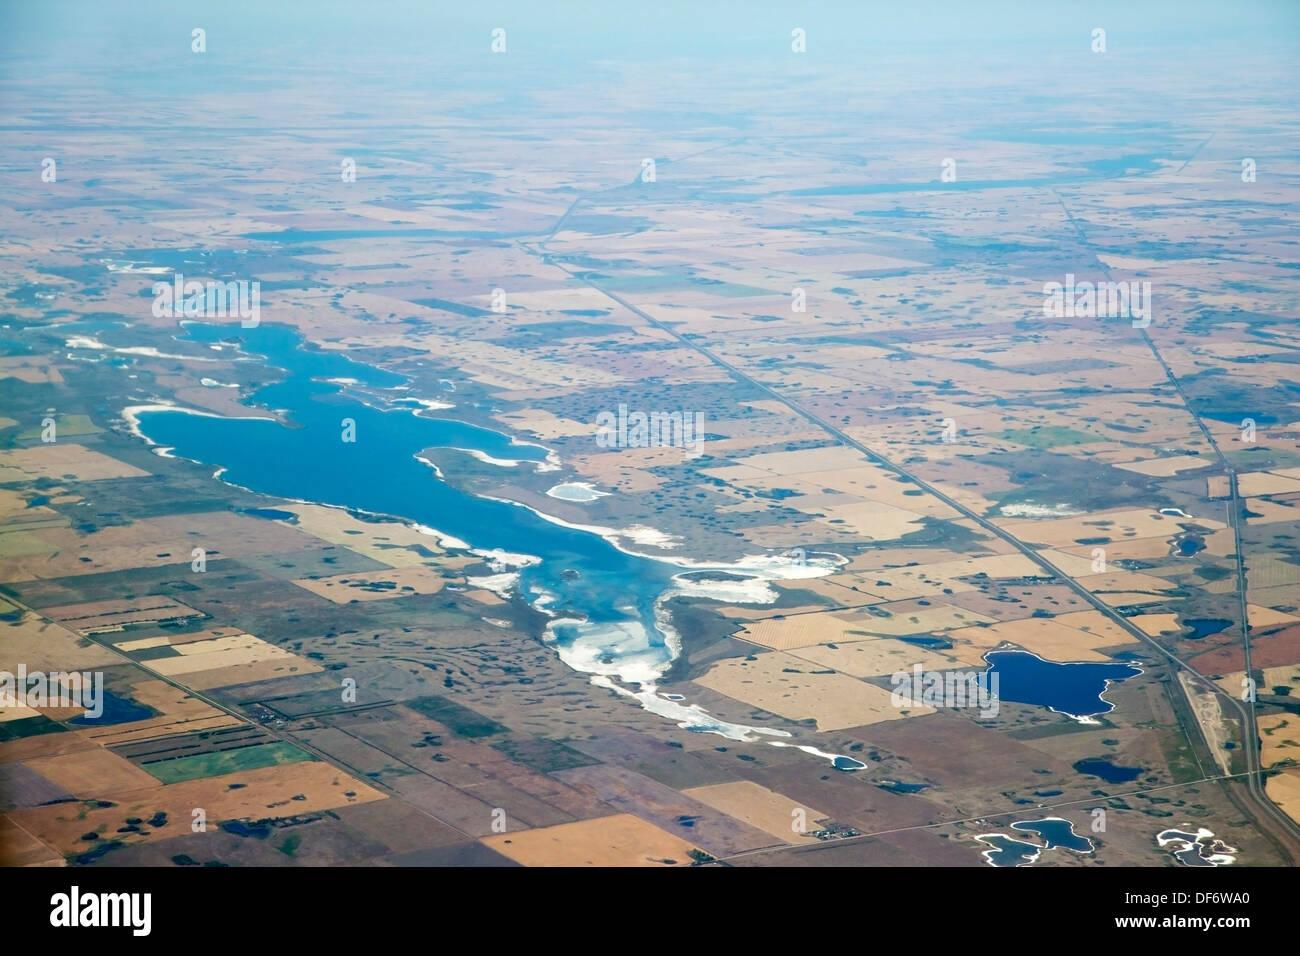 Photo aérienne de lacs salins dans les paysages agricoles des prairies Photo Stock